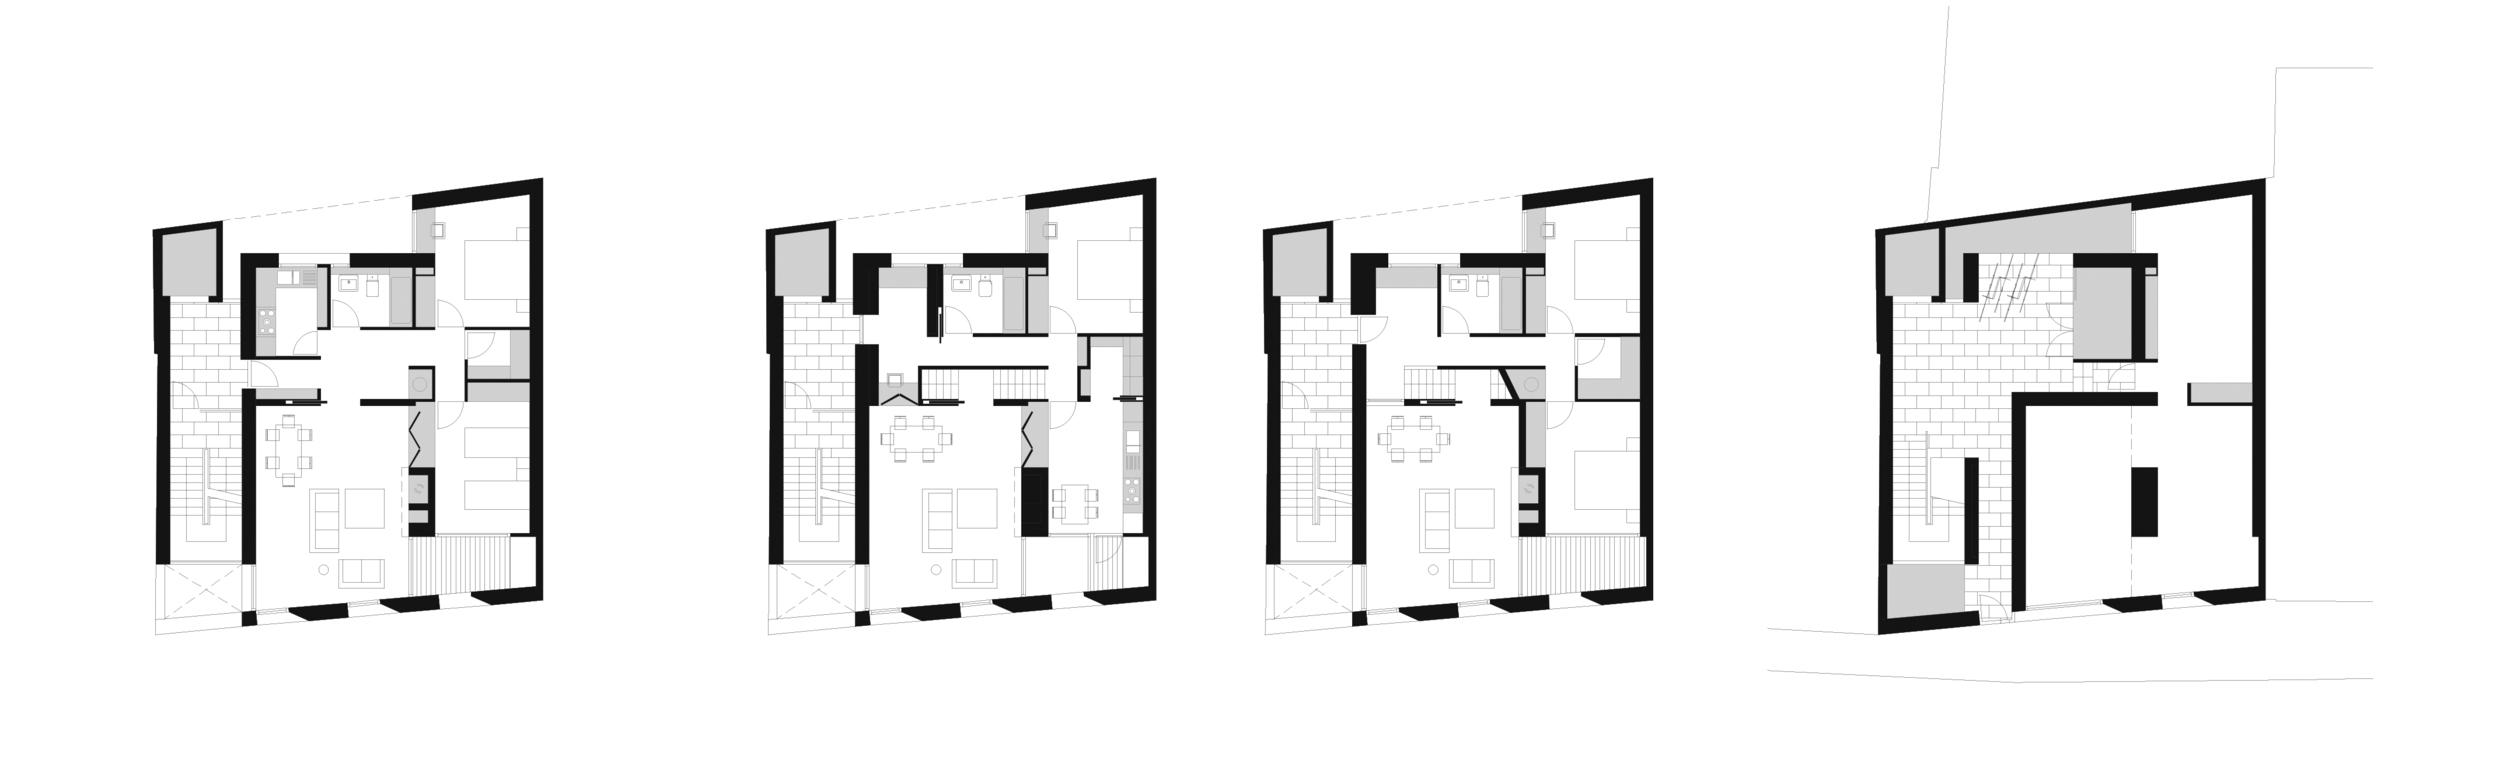 1. UNIT02: Single Floor Unit  2. UNIT01: Duplex Unit, Upper Floor  3. UNIT01: Duplex Unit, Lower Floor [entrance]  4. Ground Level Entrance & Commercial Unit